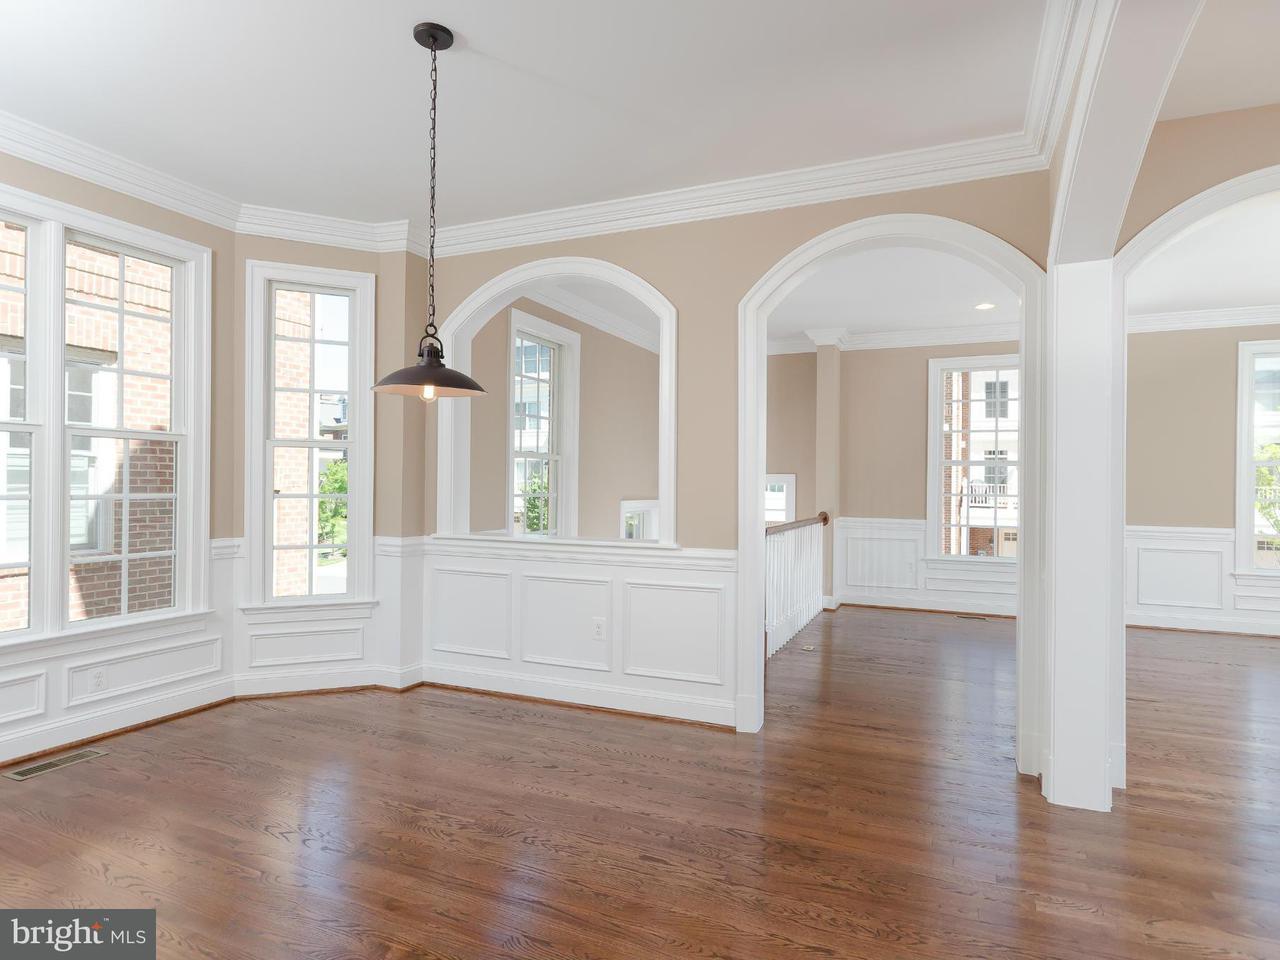 联栋屋 为 销售 在 10671 YORKTOWN Court 10671 YORKTOWN Court Fairfax, 弗吉尼亚州 22030 美国